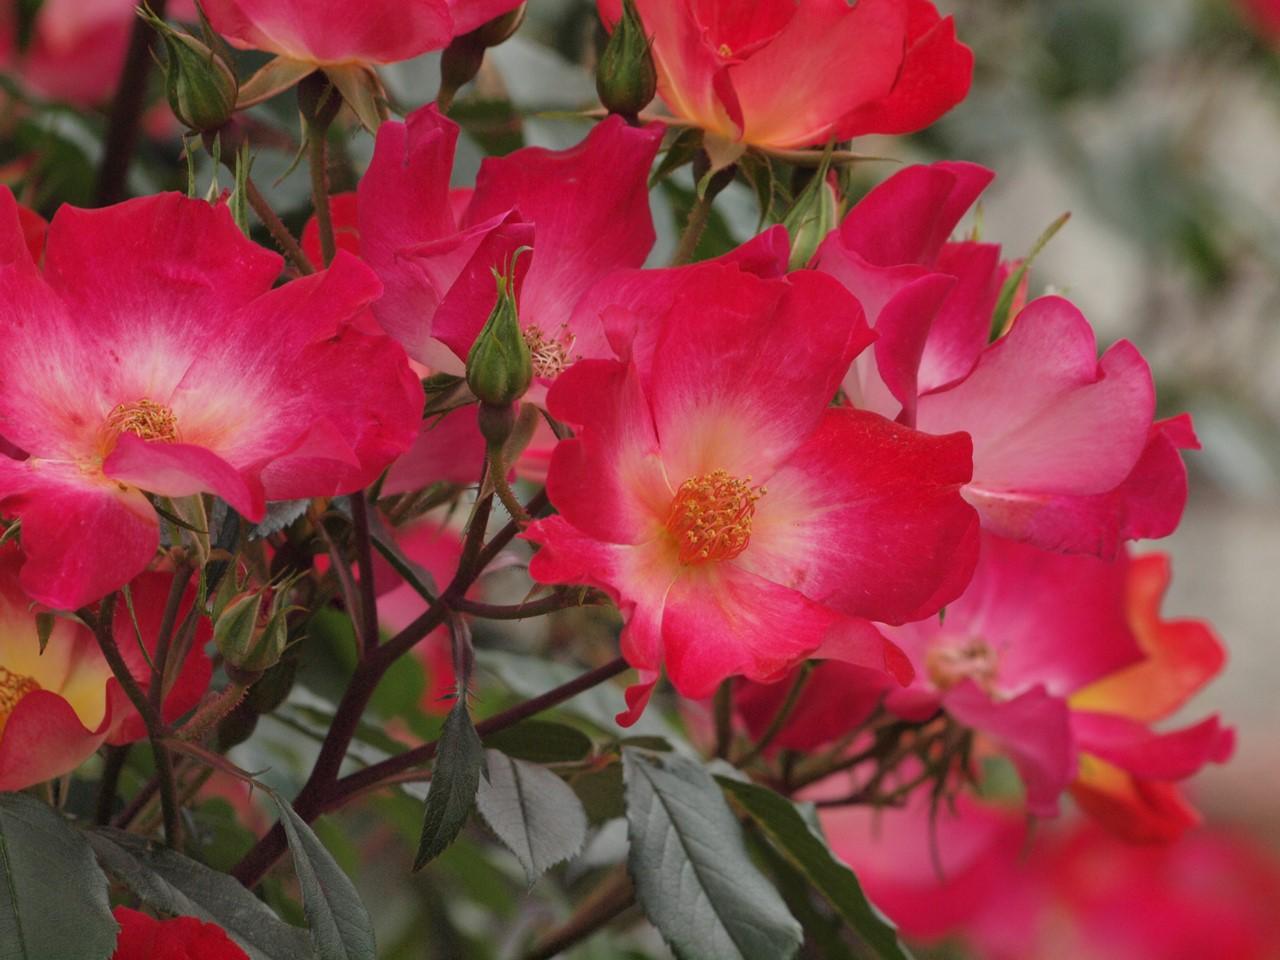 『大野町バラ公園のバラとサクランボ』_d0054276_20182375.jpg